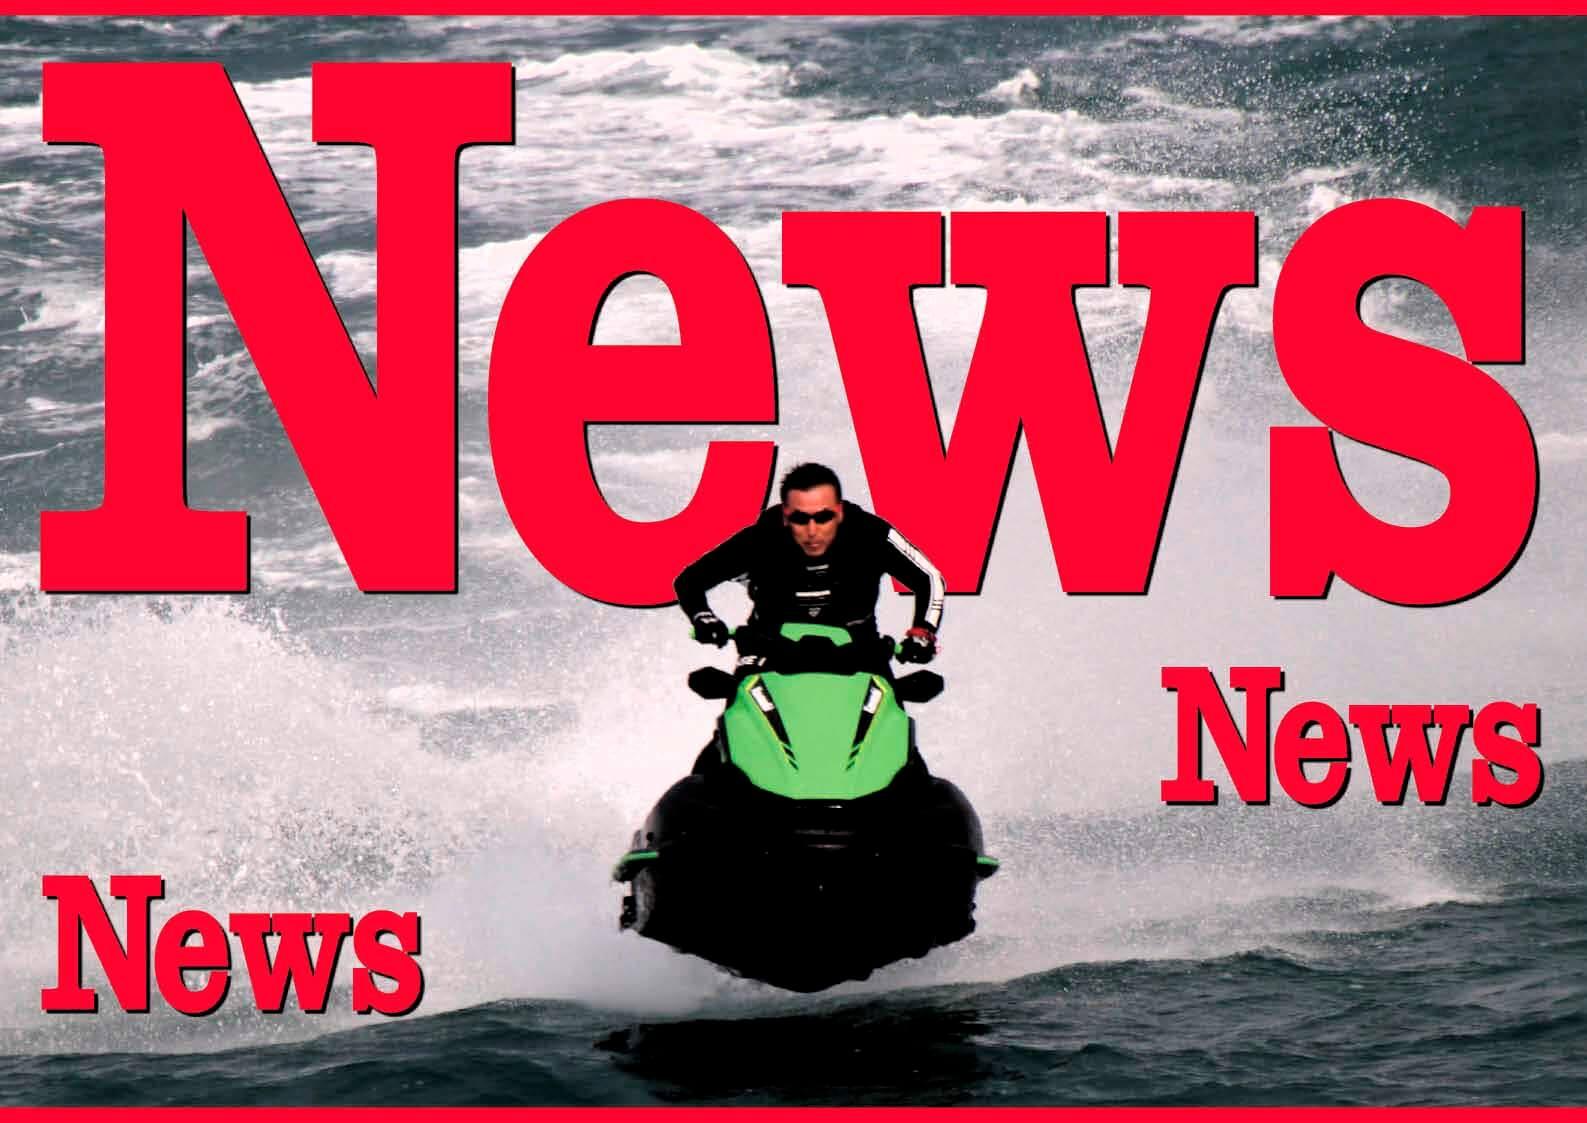 一体、何なんだ! 何にも起こっていないのに「水上バイク 危険行為が横行、取締りを強化」という記事がニュースに…! ジェットスキー(水上バイク)